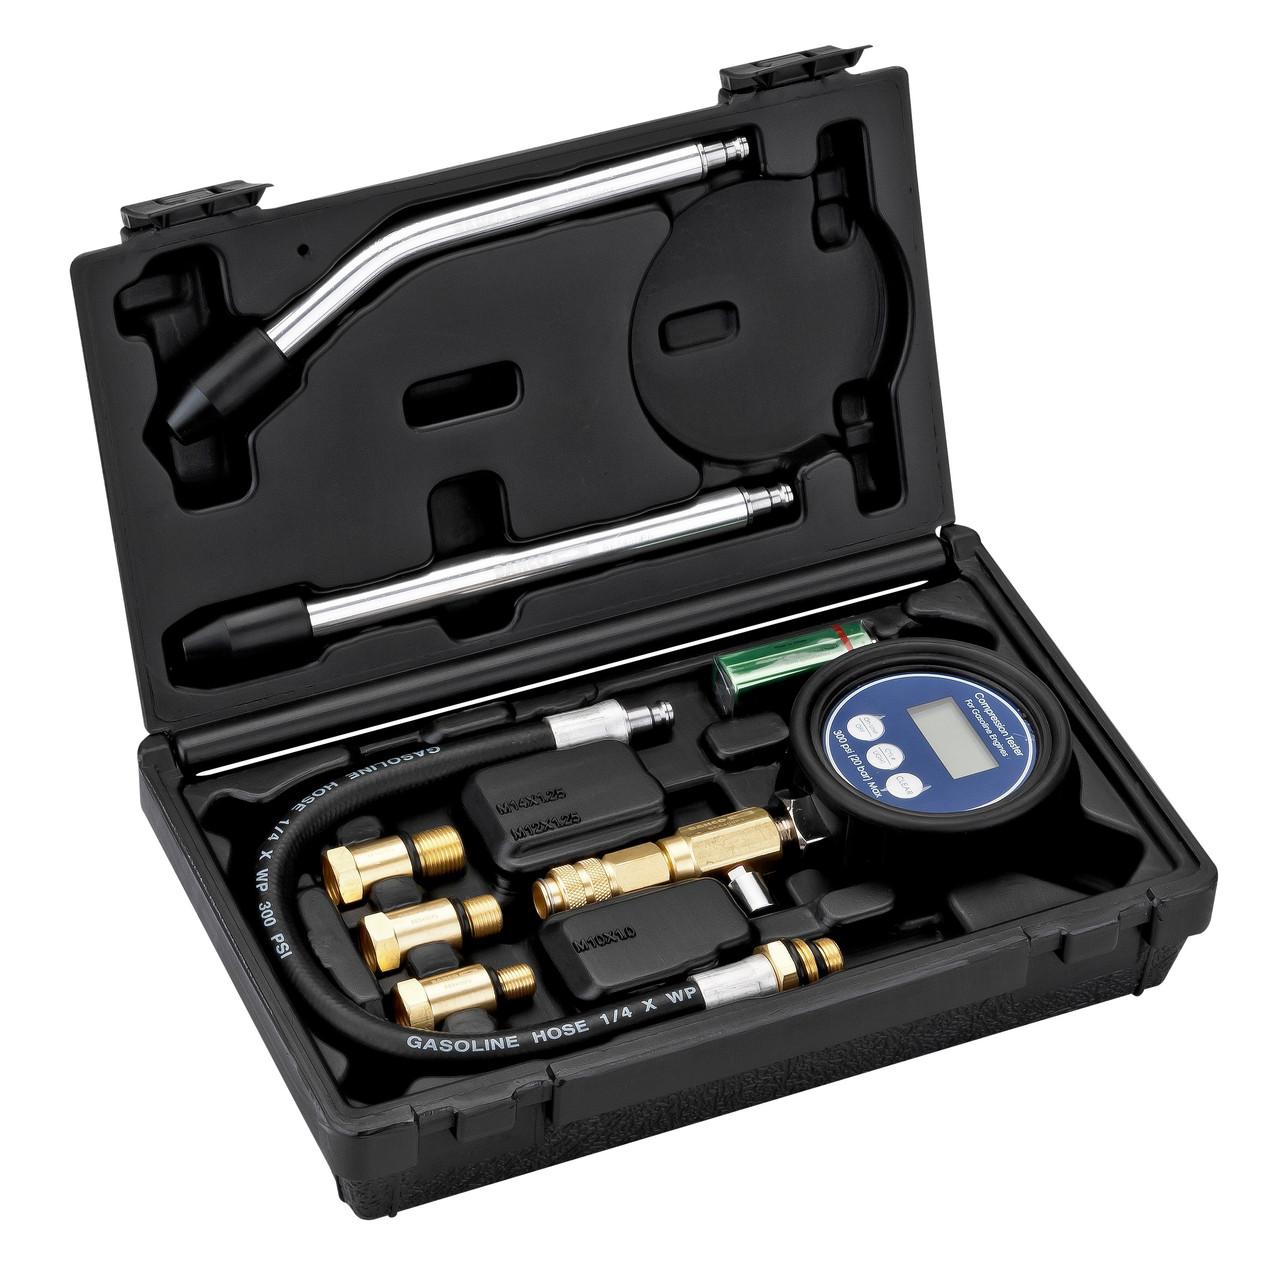 Цифровой тестер компрессора бензинового двигателя, Bahco,BE5400P